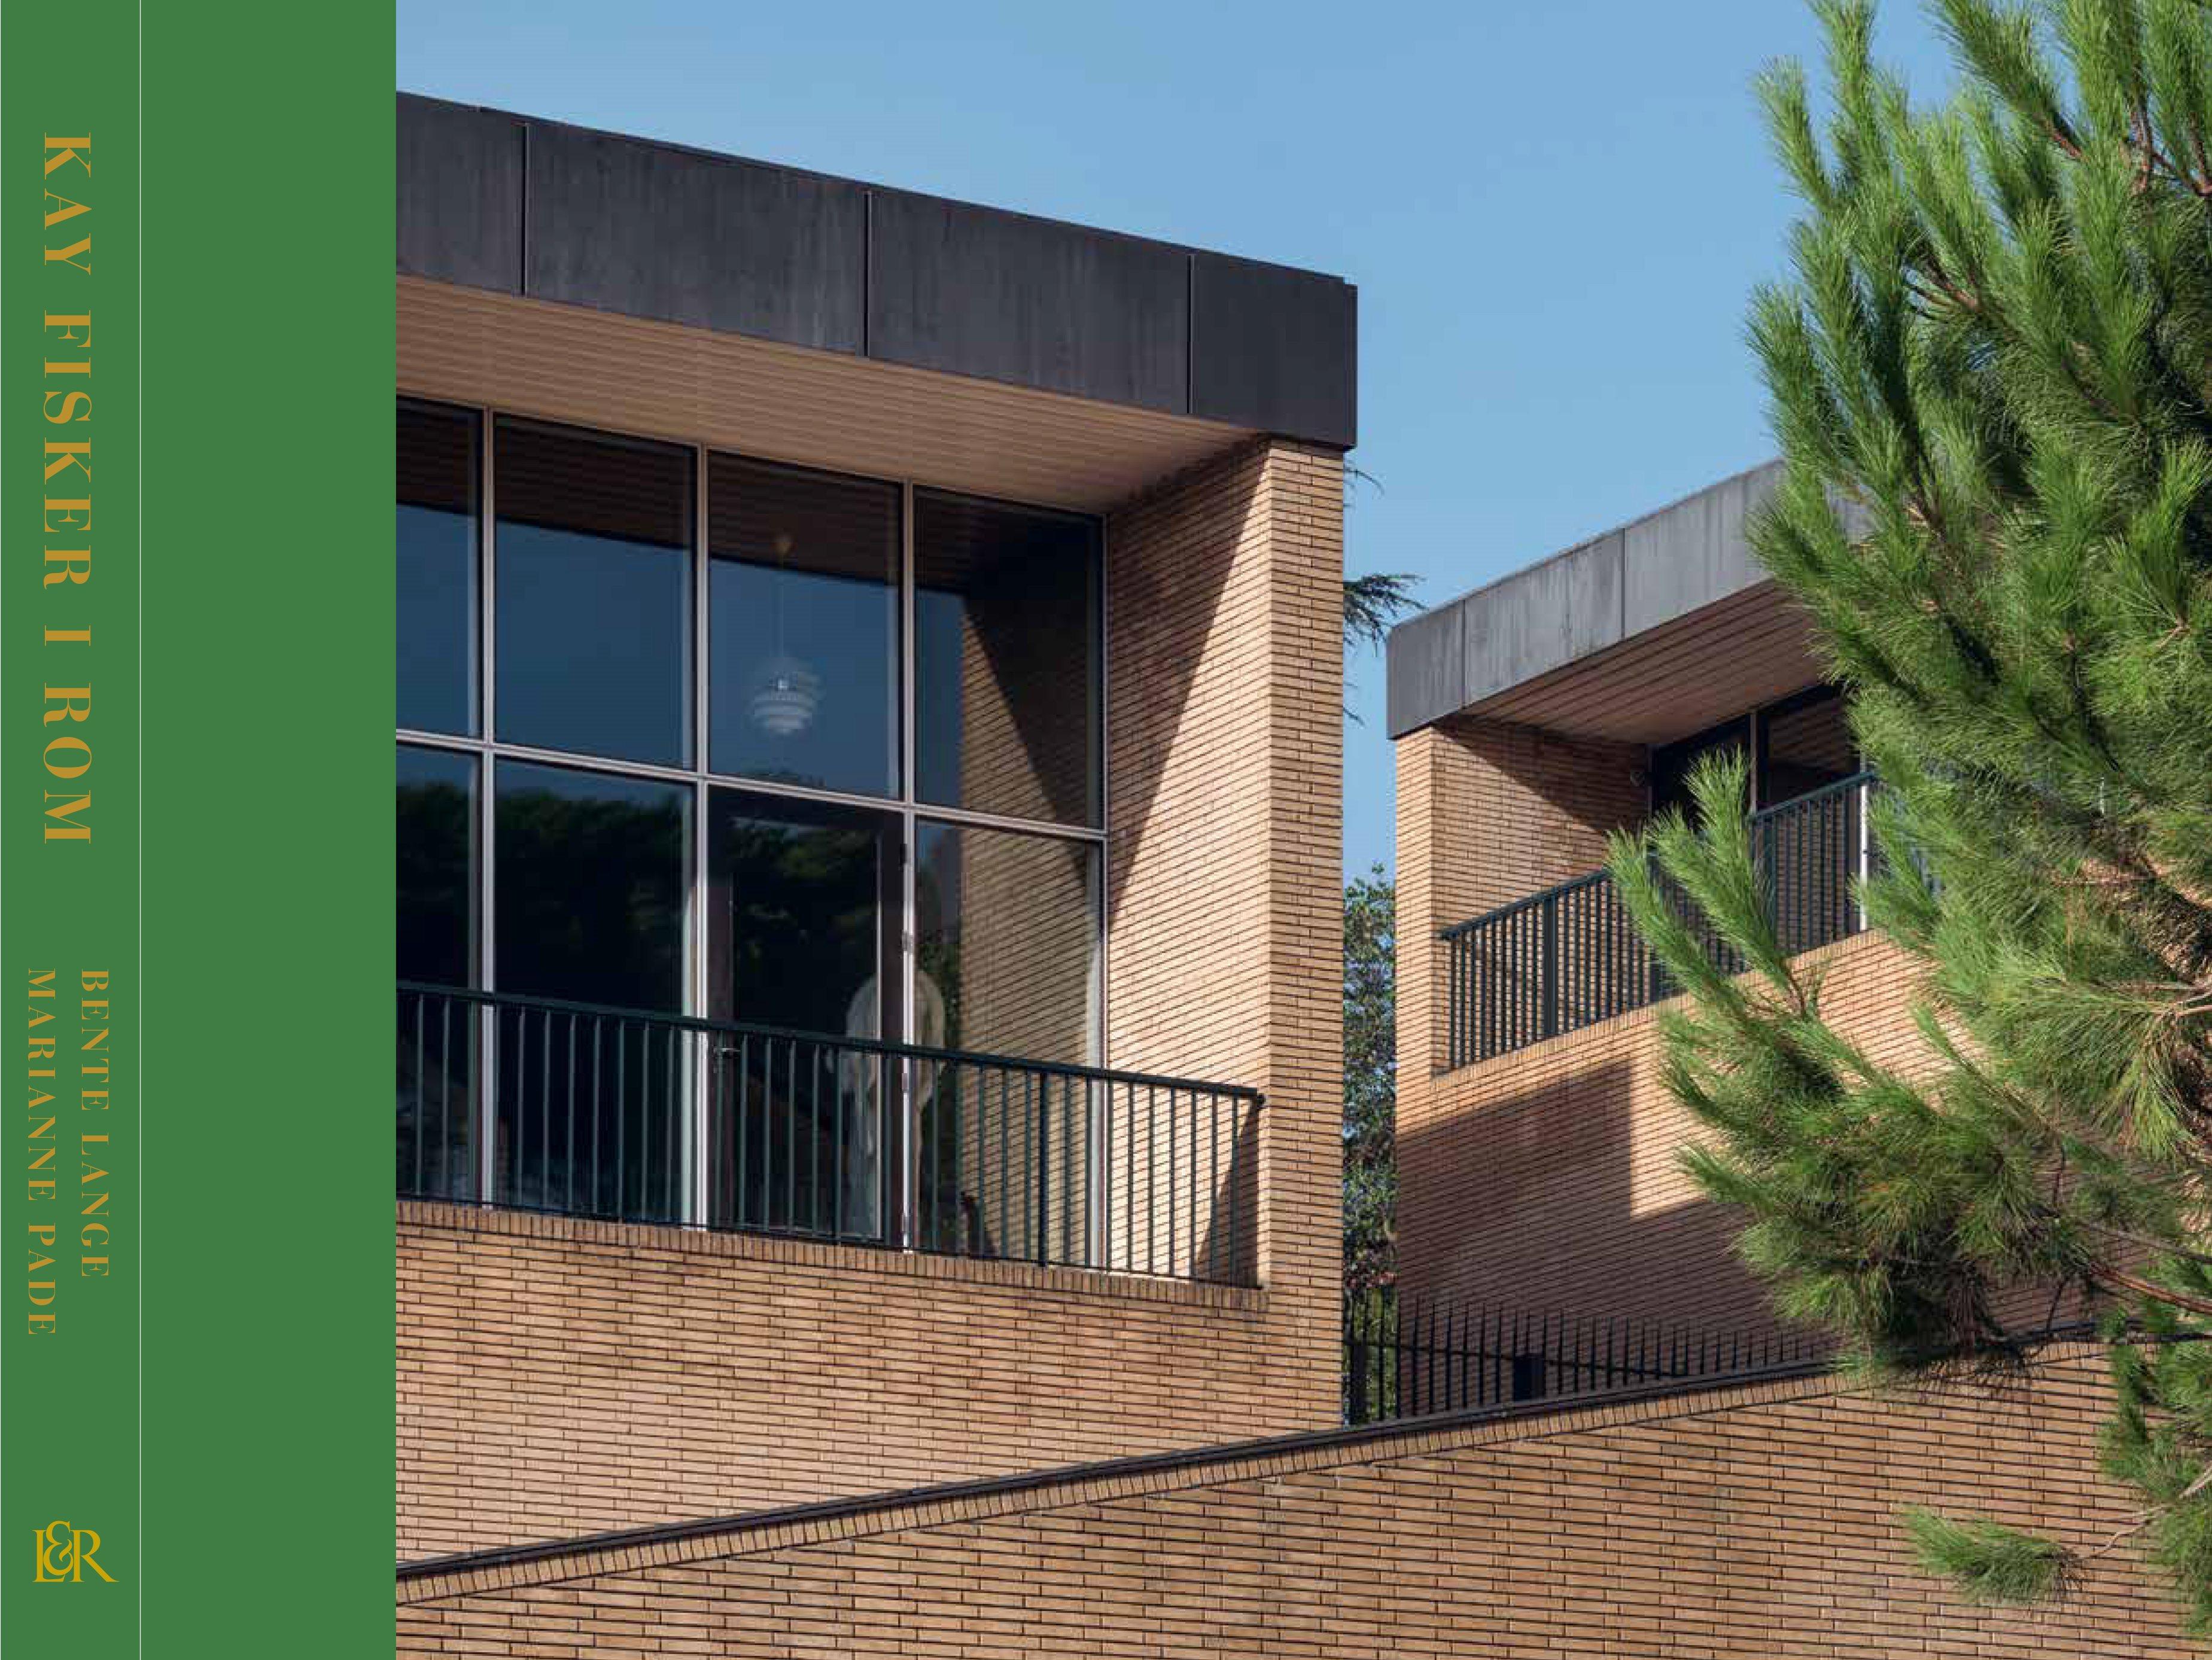 Kay Fisker i Rom, Kay Fisker, Arkitektur, Det Danske Institut i Rom, Biografi, Design, Italien